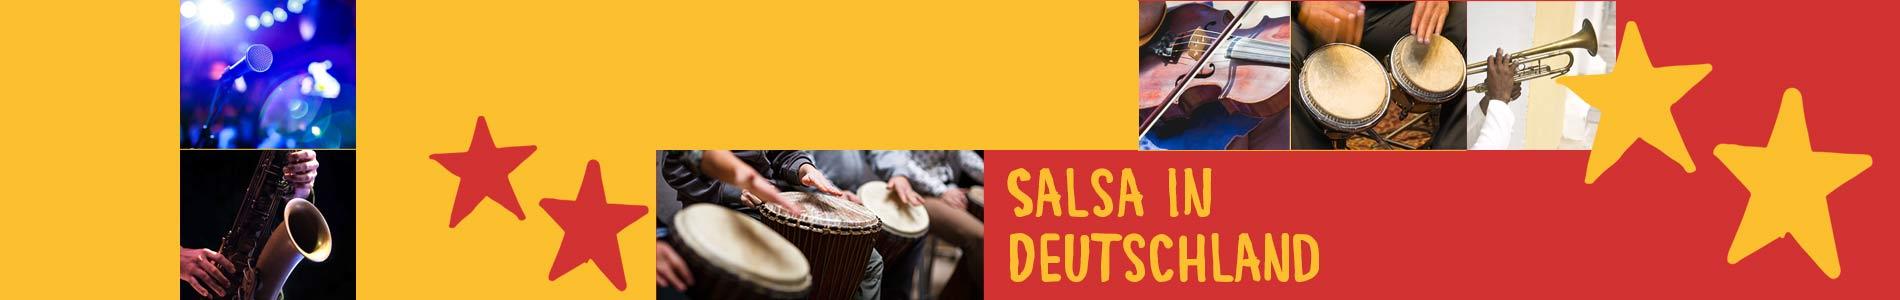 Salsa in Dennheritz – Salsa lernen und tanzen, Tanzkurse, Partys, Veranstaltungen